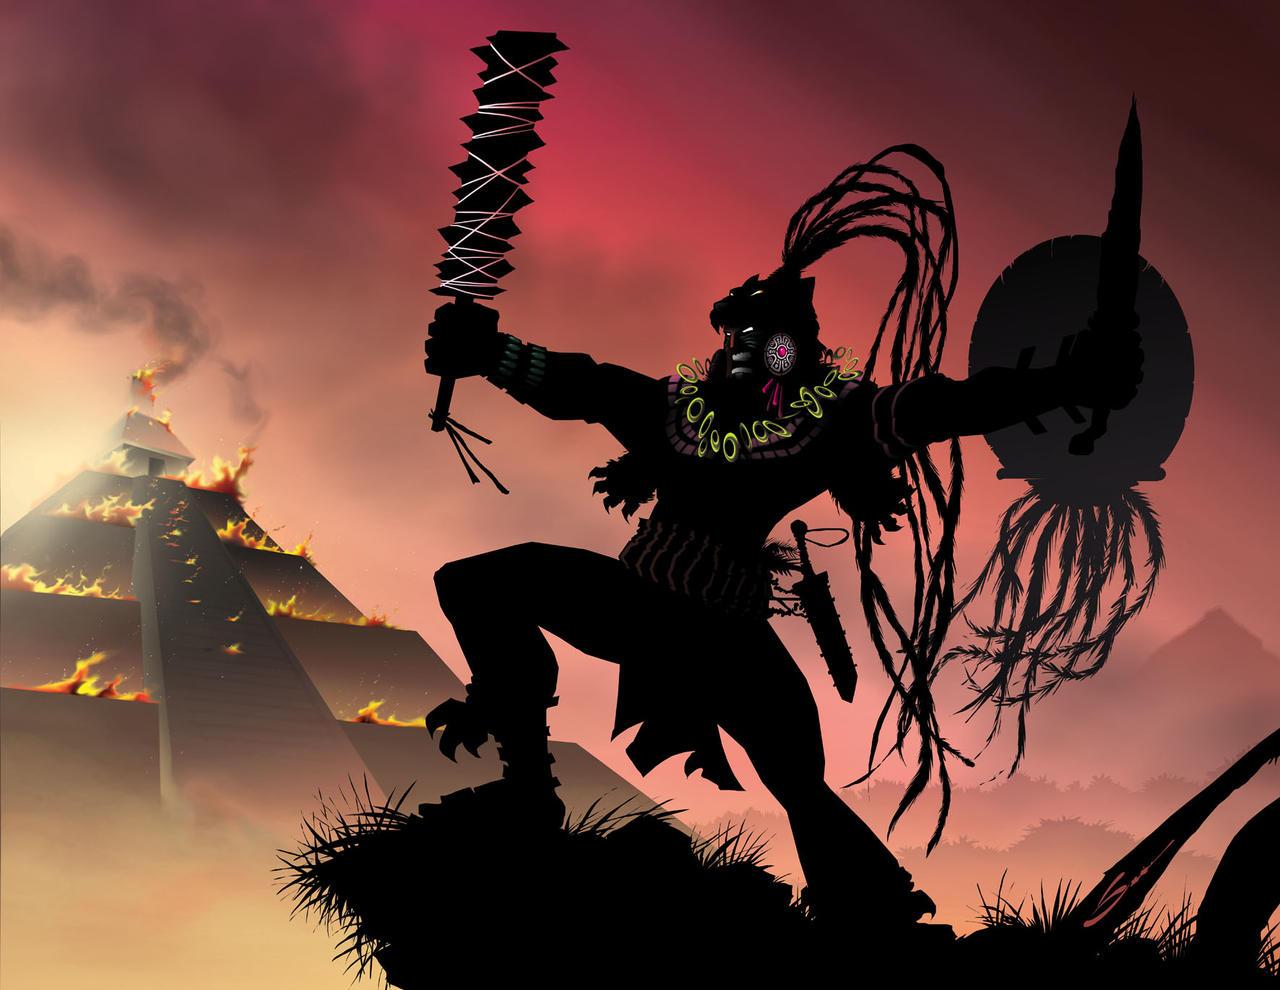 ... warrior aztec jaguar warrior weapons aztec jaguar warrior mask aztec